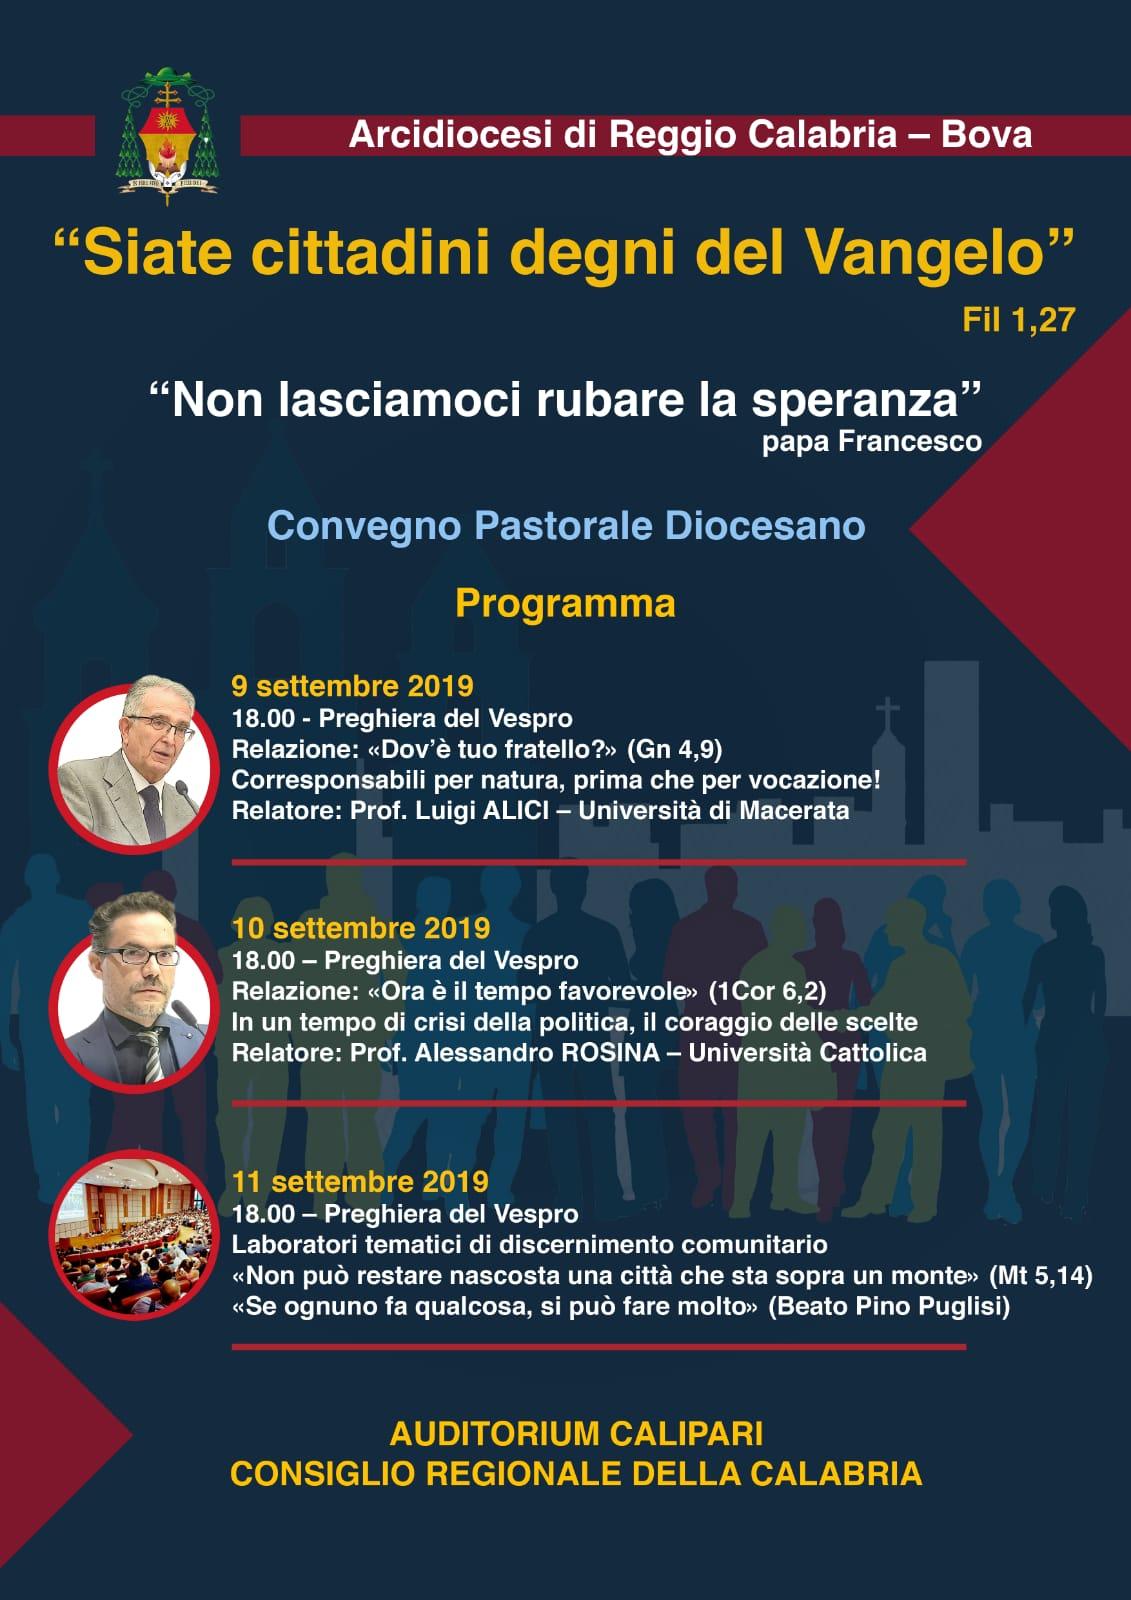 Locandina-del-convegno-pastorale-diocesano-2019